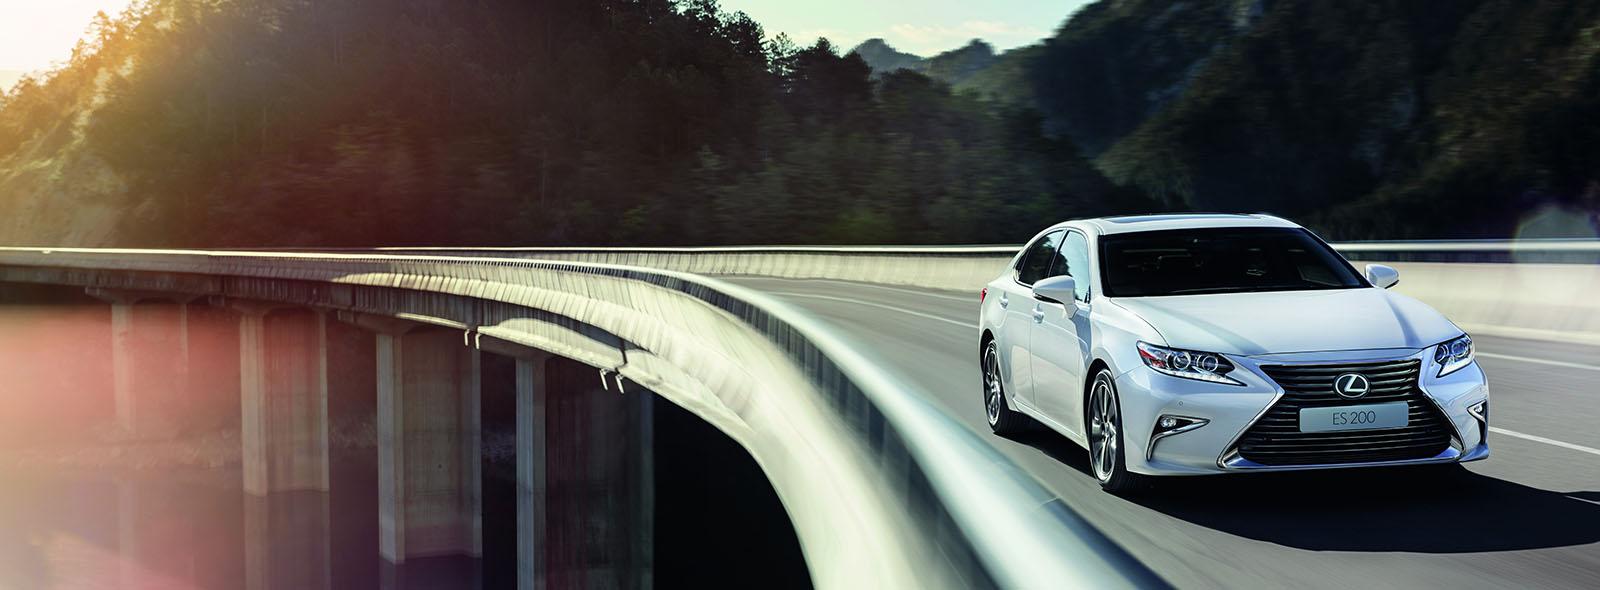 Выдающийся комфорт и точность управления в новом Lexus ES 200